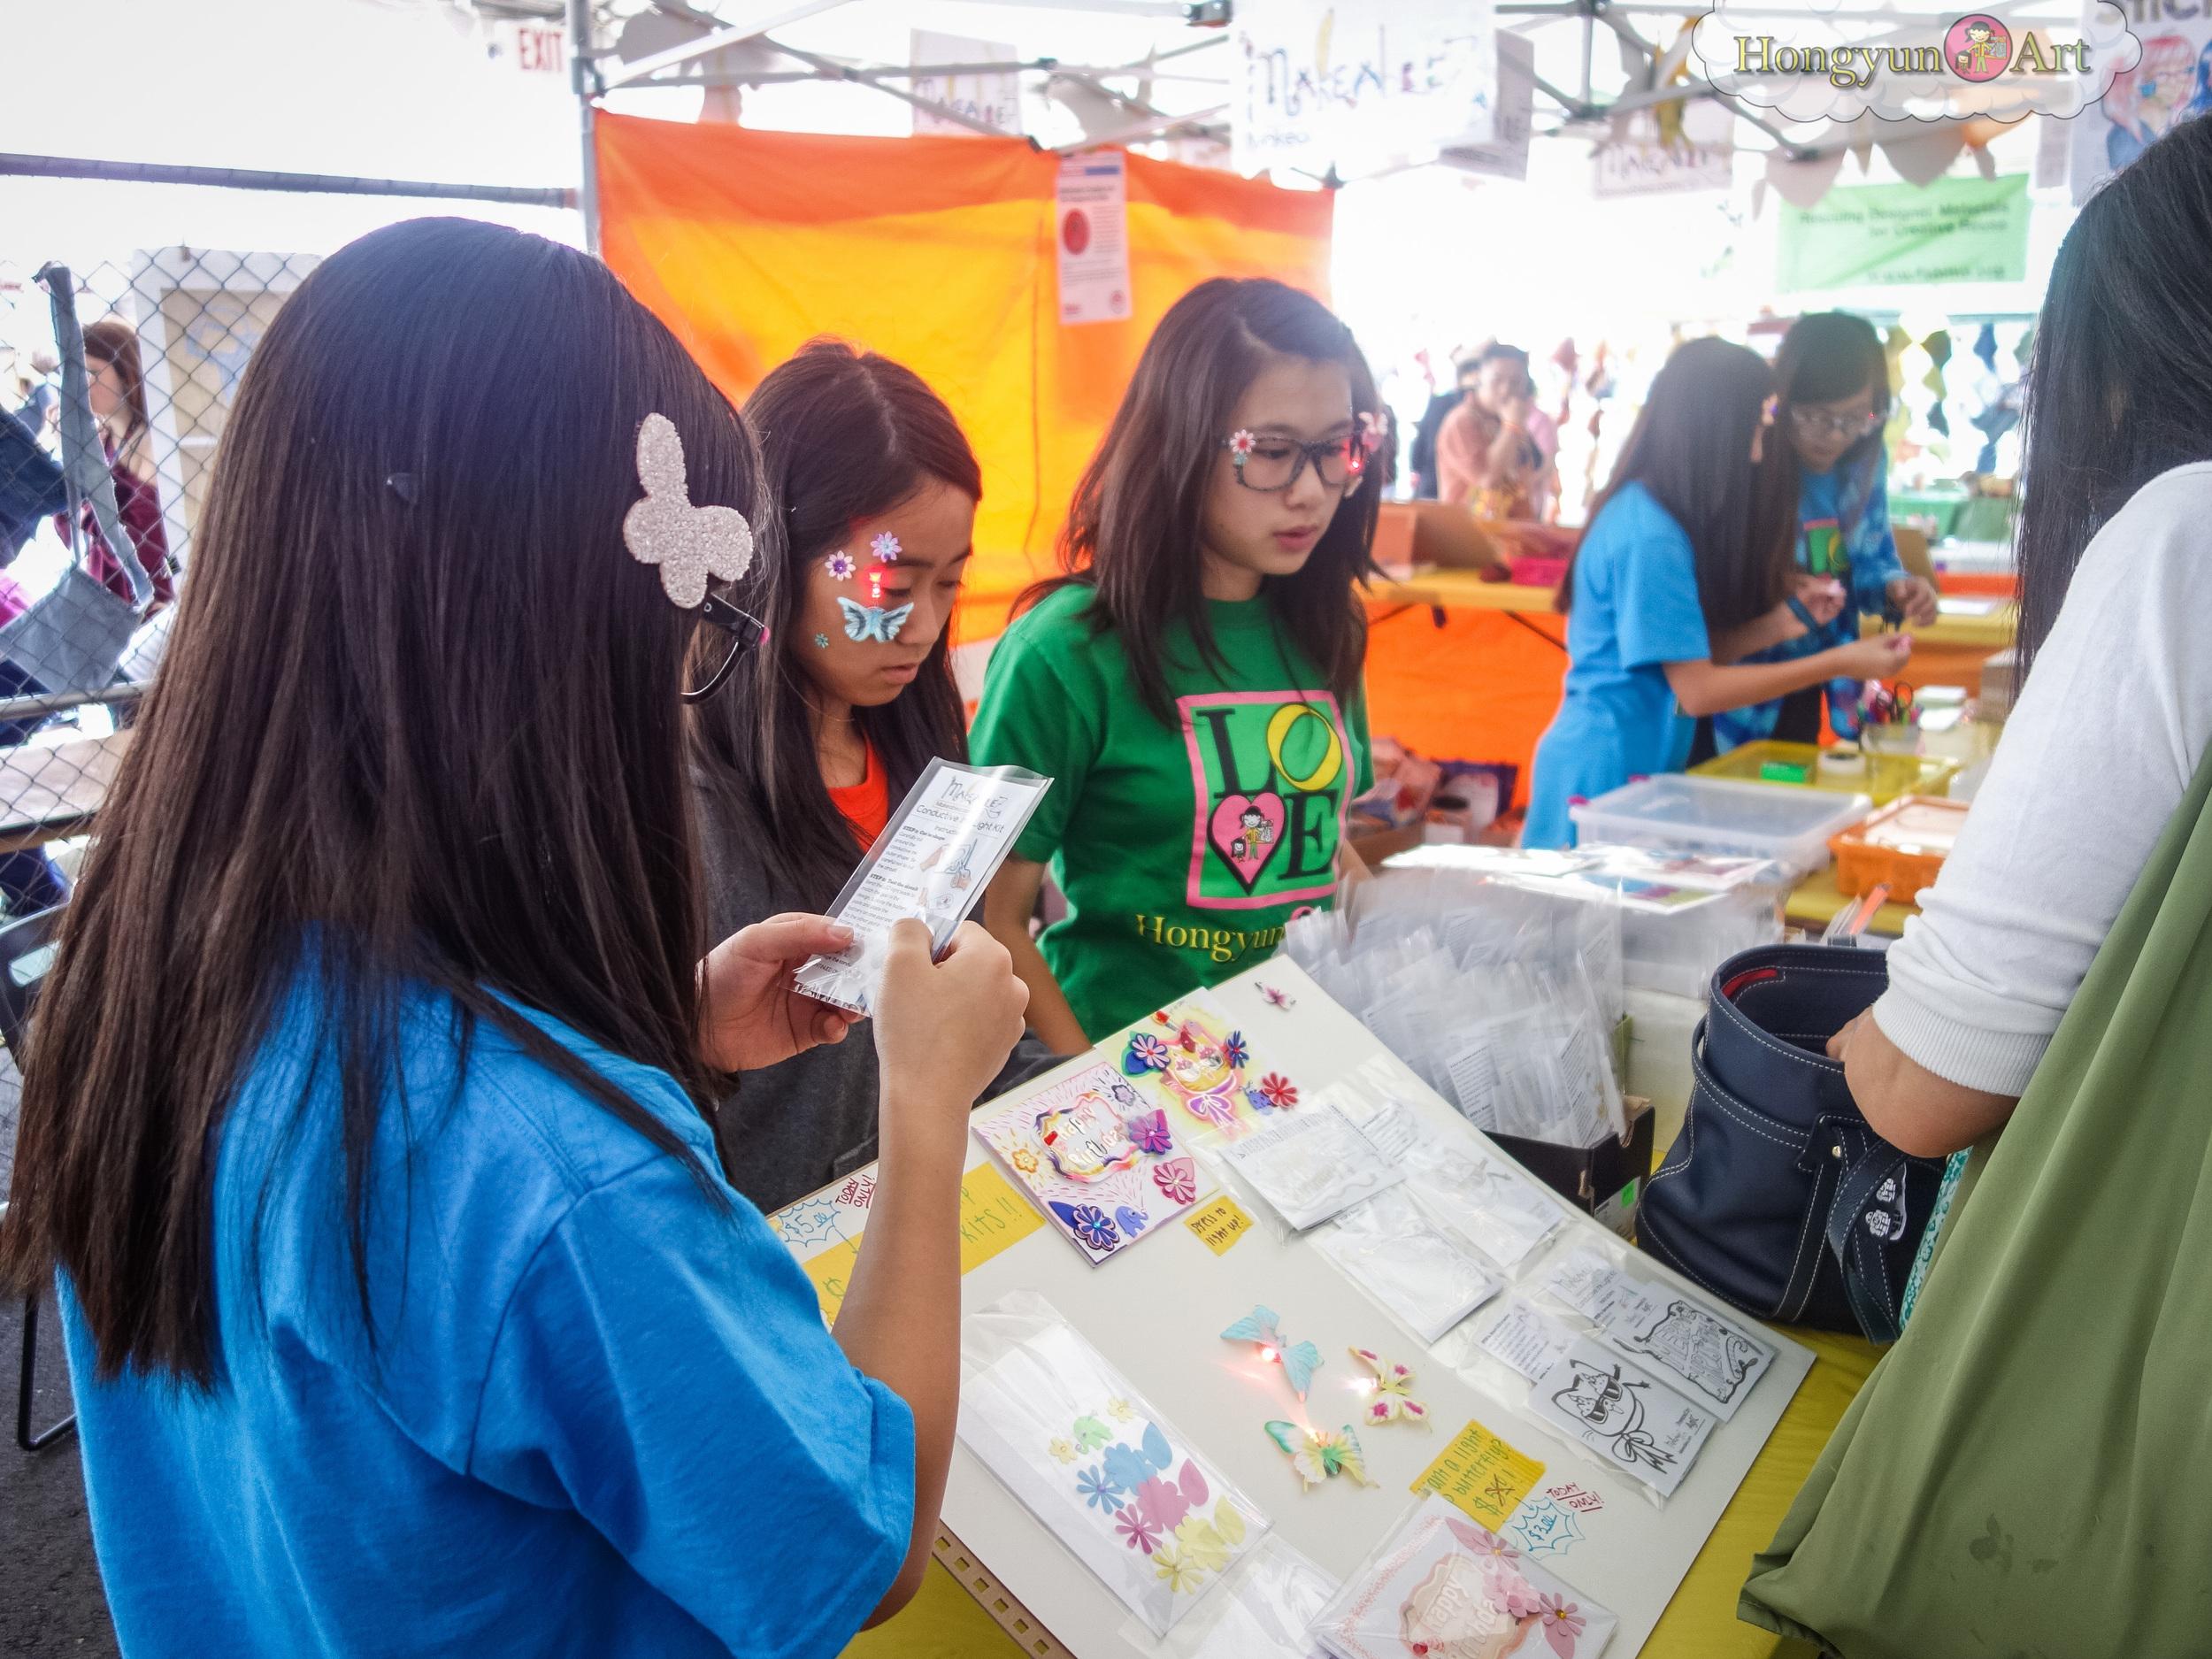 2014-05-Hongyun-Art-MakerFaire-057.jpg